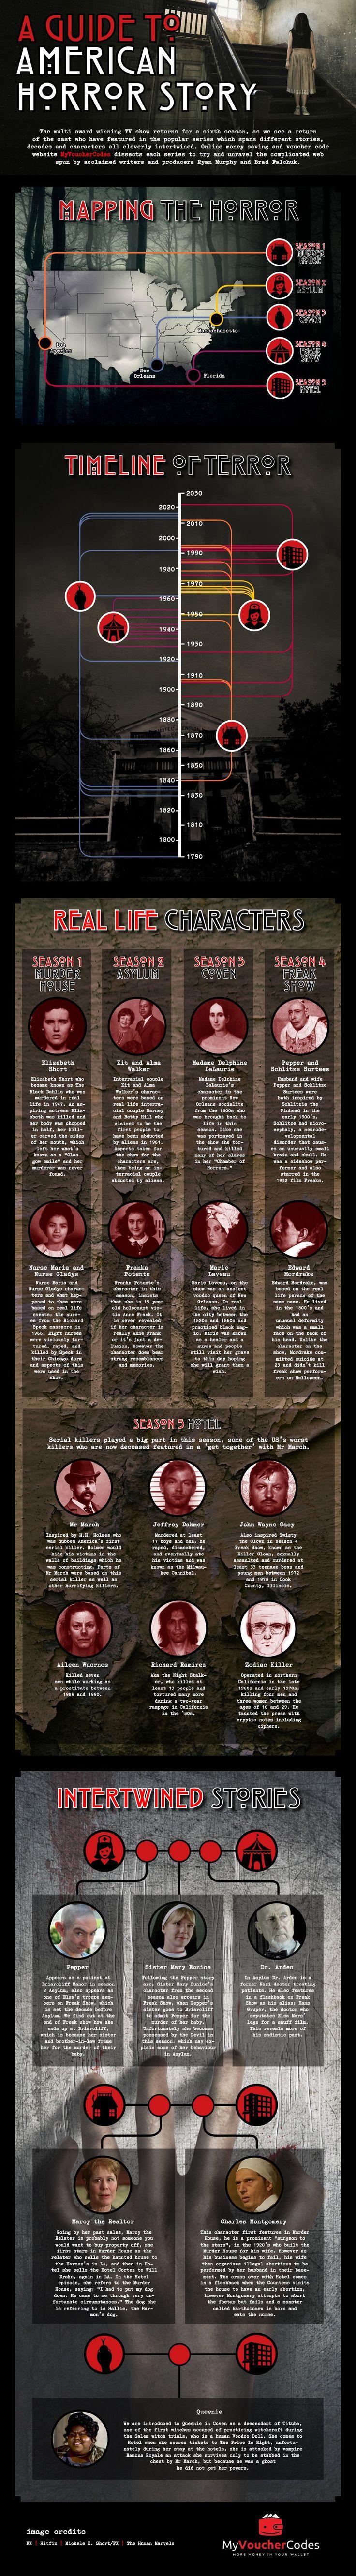 History of AHS